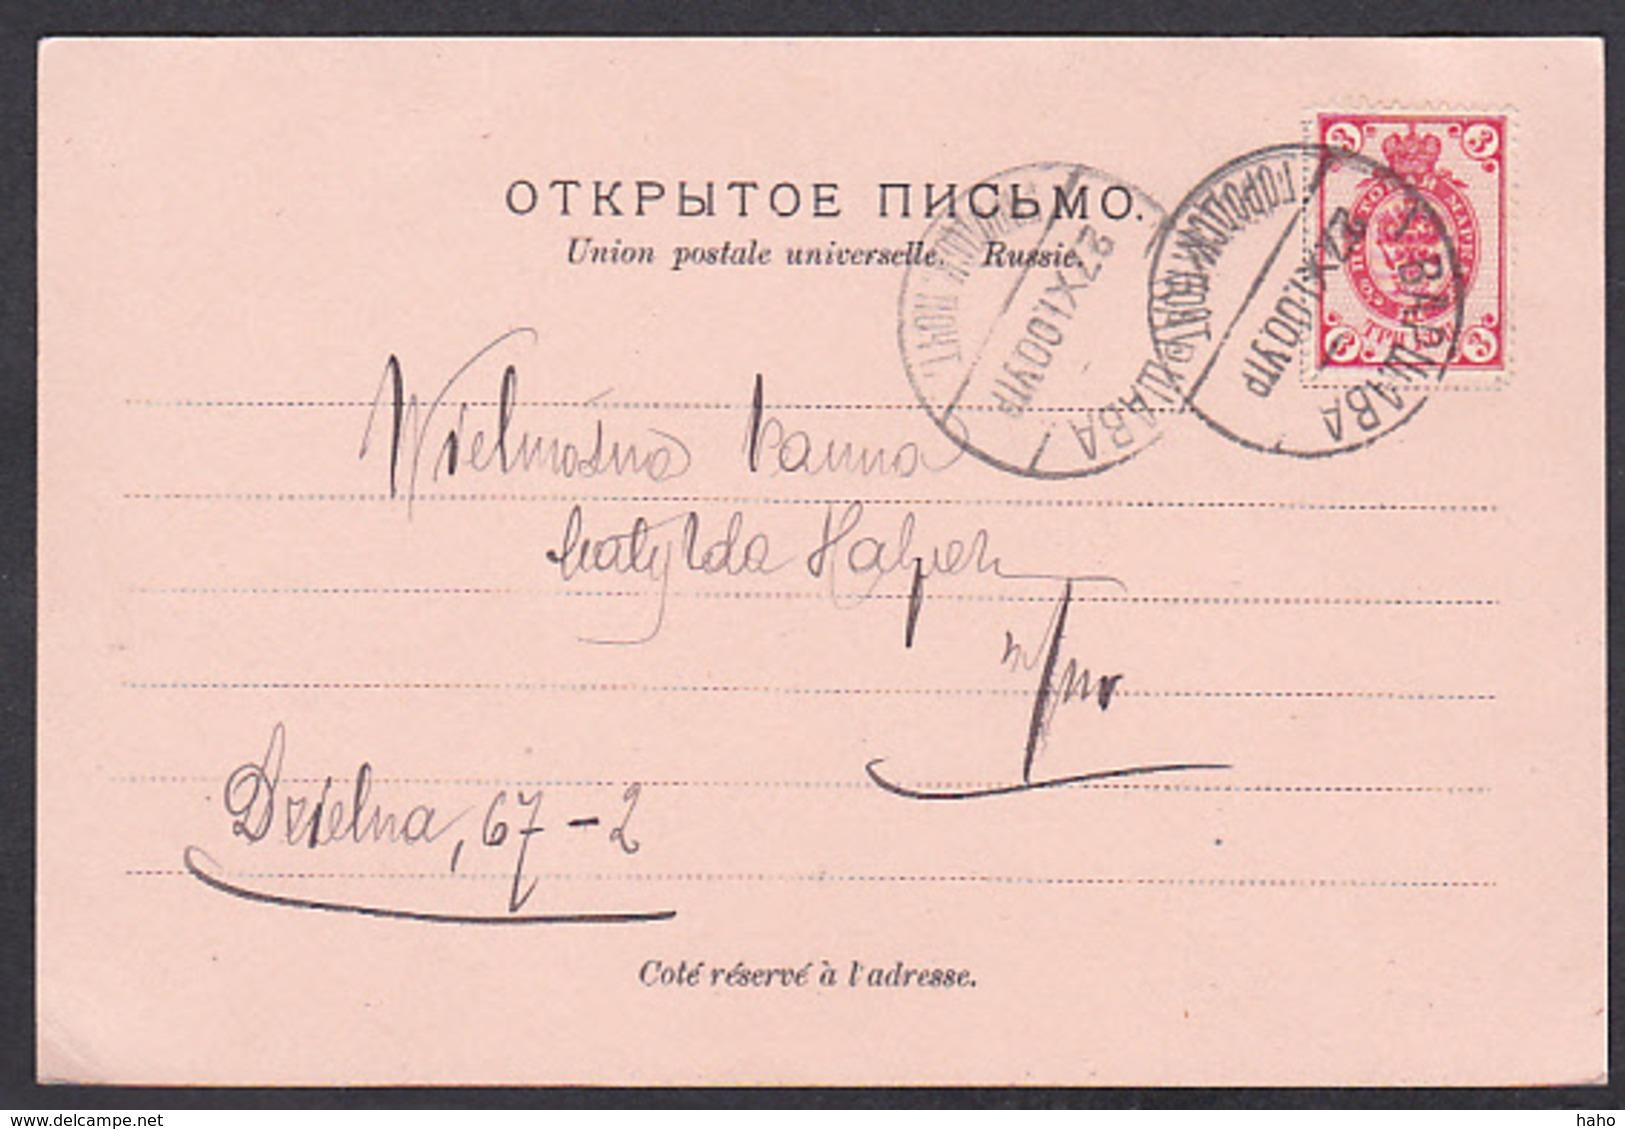 Poland. Postcard Exhibition In Warsaw 1900 - Polen